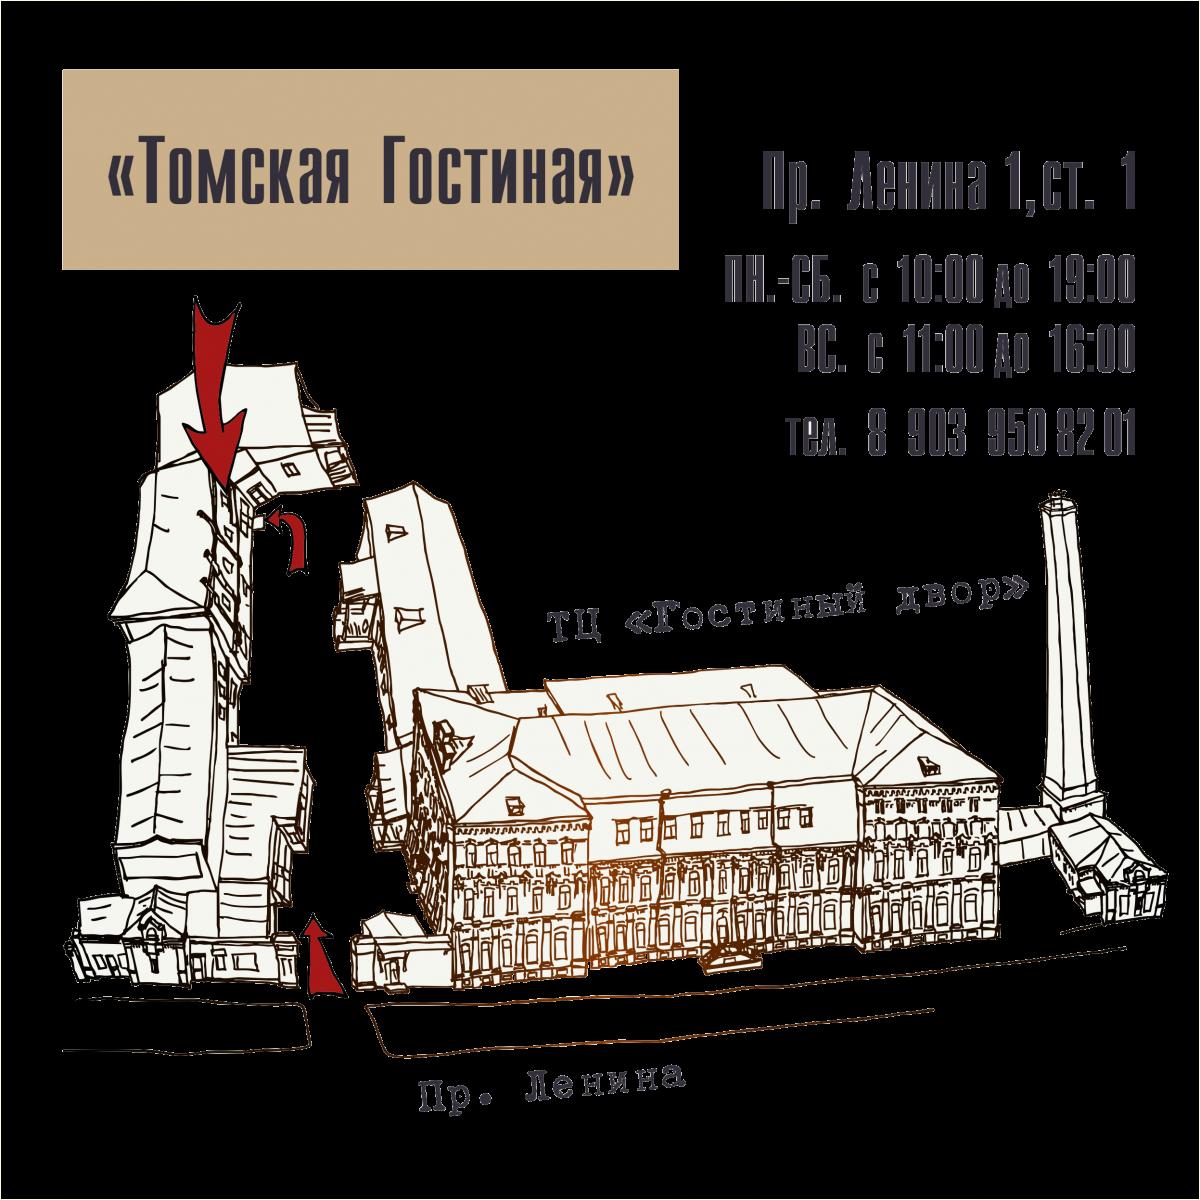 Схема проезда в Томскую Художественную Гостиную - уникальное собрание произведений